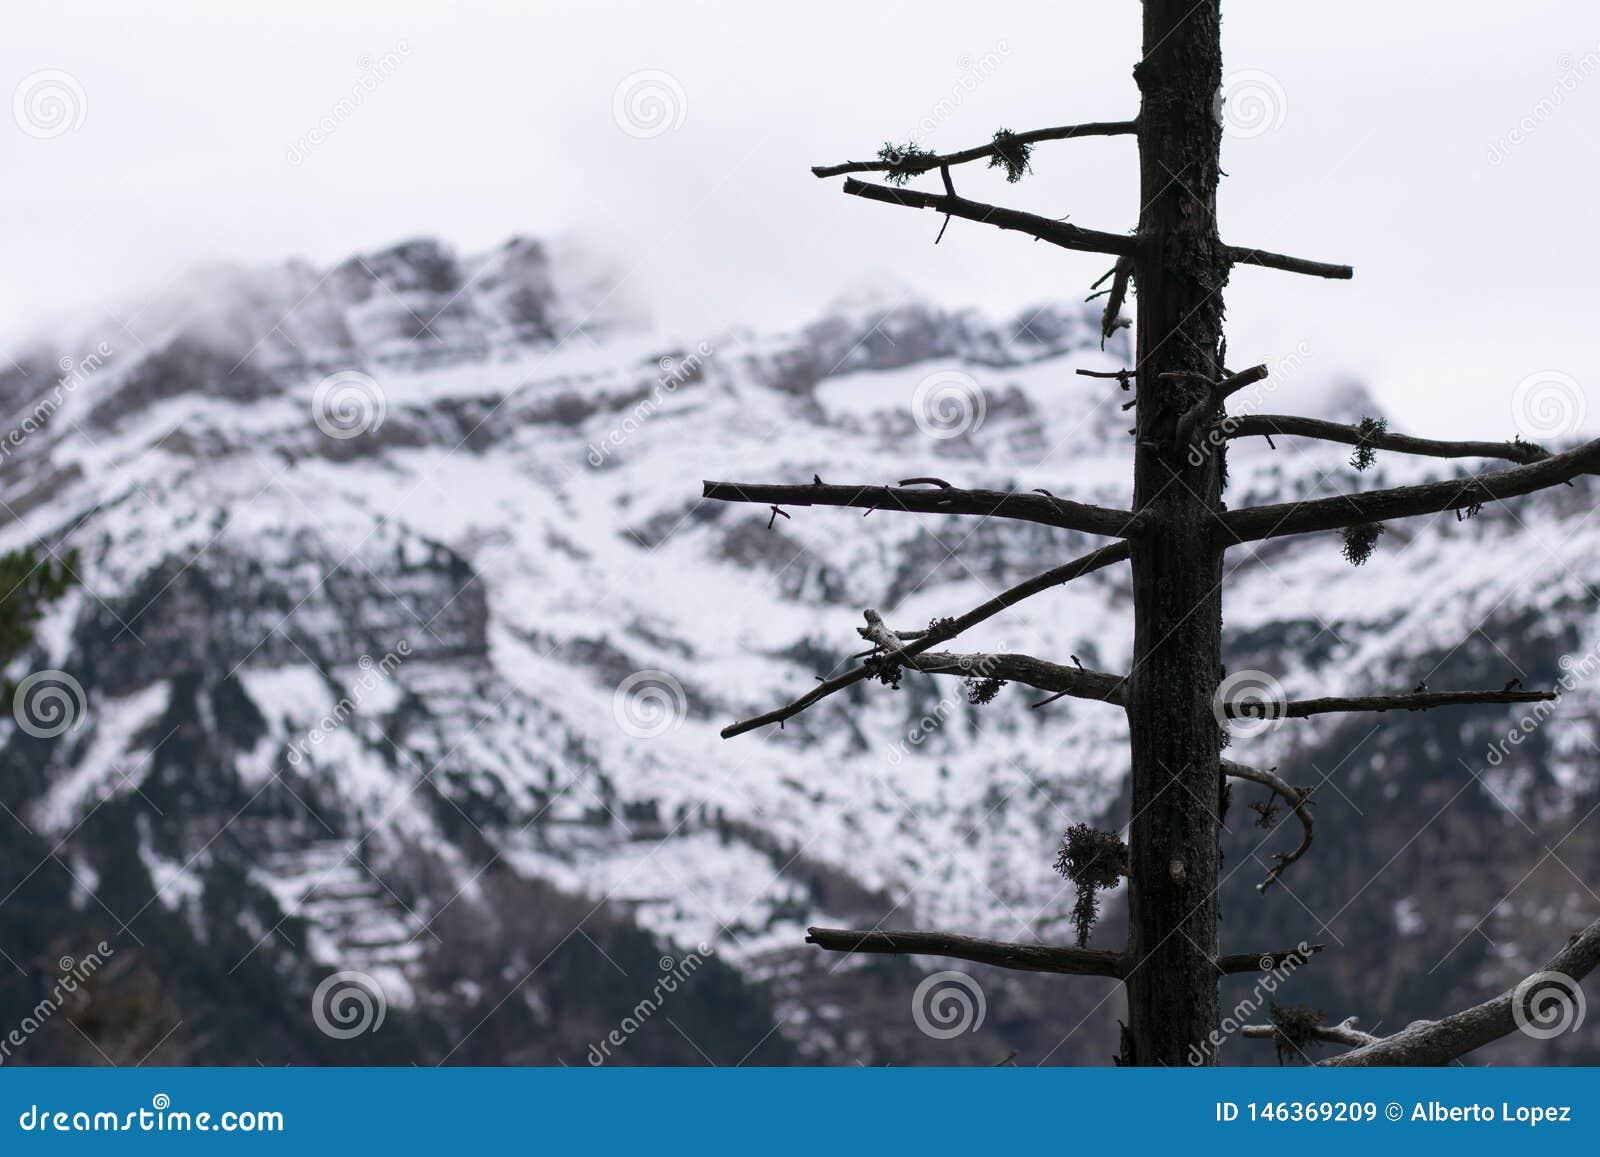 Дерево без листьев со снежной горой на заднем плане